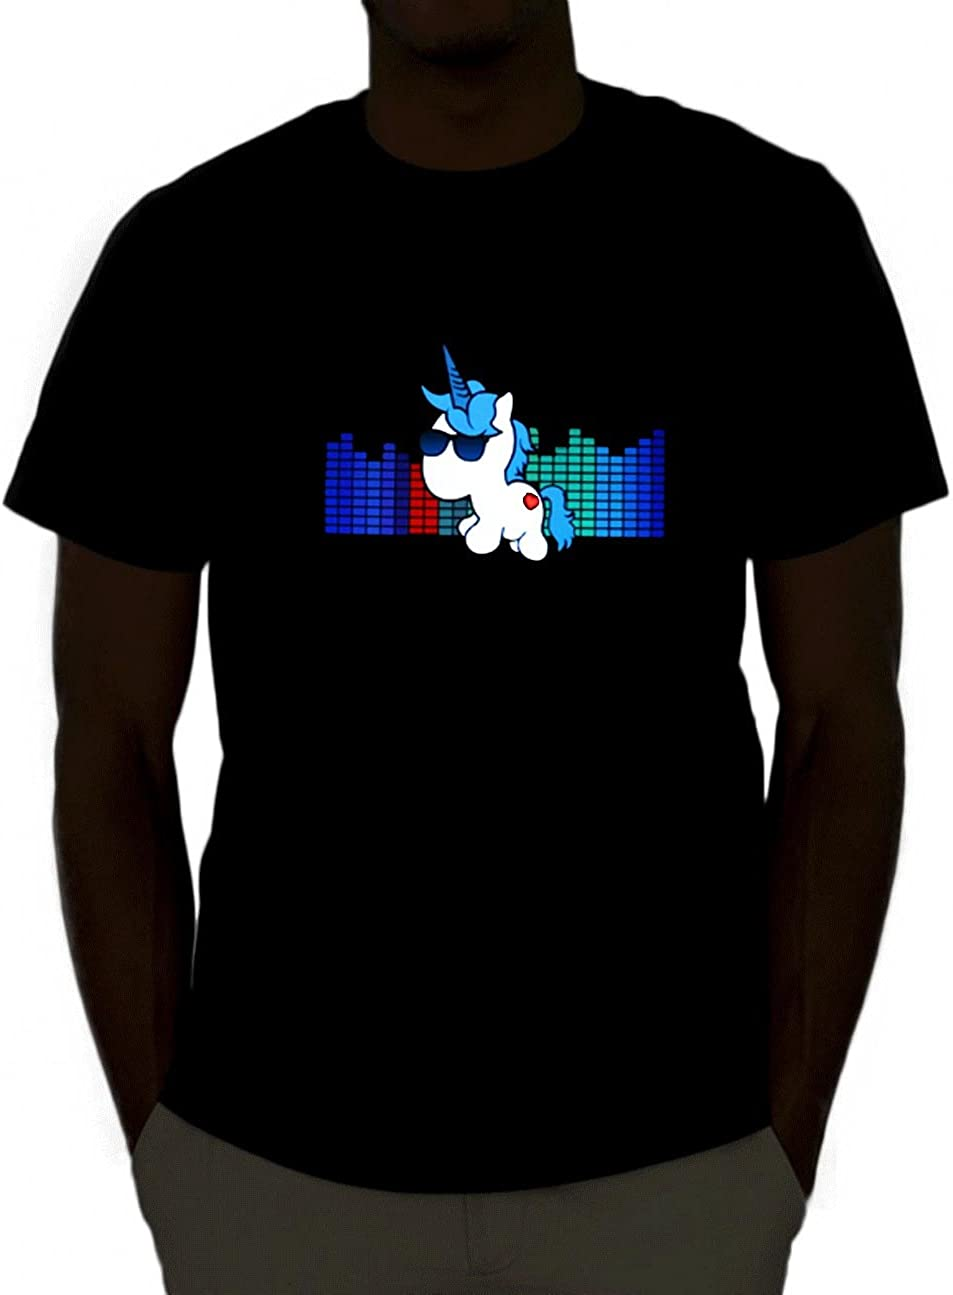 Emazing Lights con Ojos de luz activada por Sonido de Rave Fesitval con luz LED Camiseta de Manga Corta tee Ecualizador de: Amazon.es: Ropa y accesorios